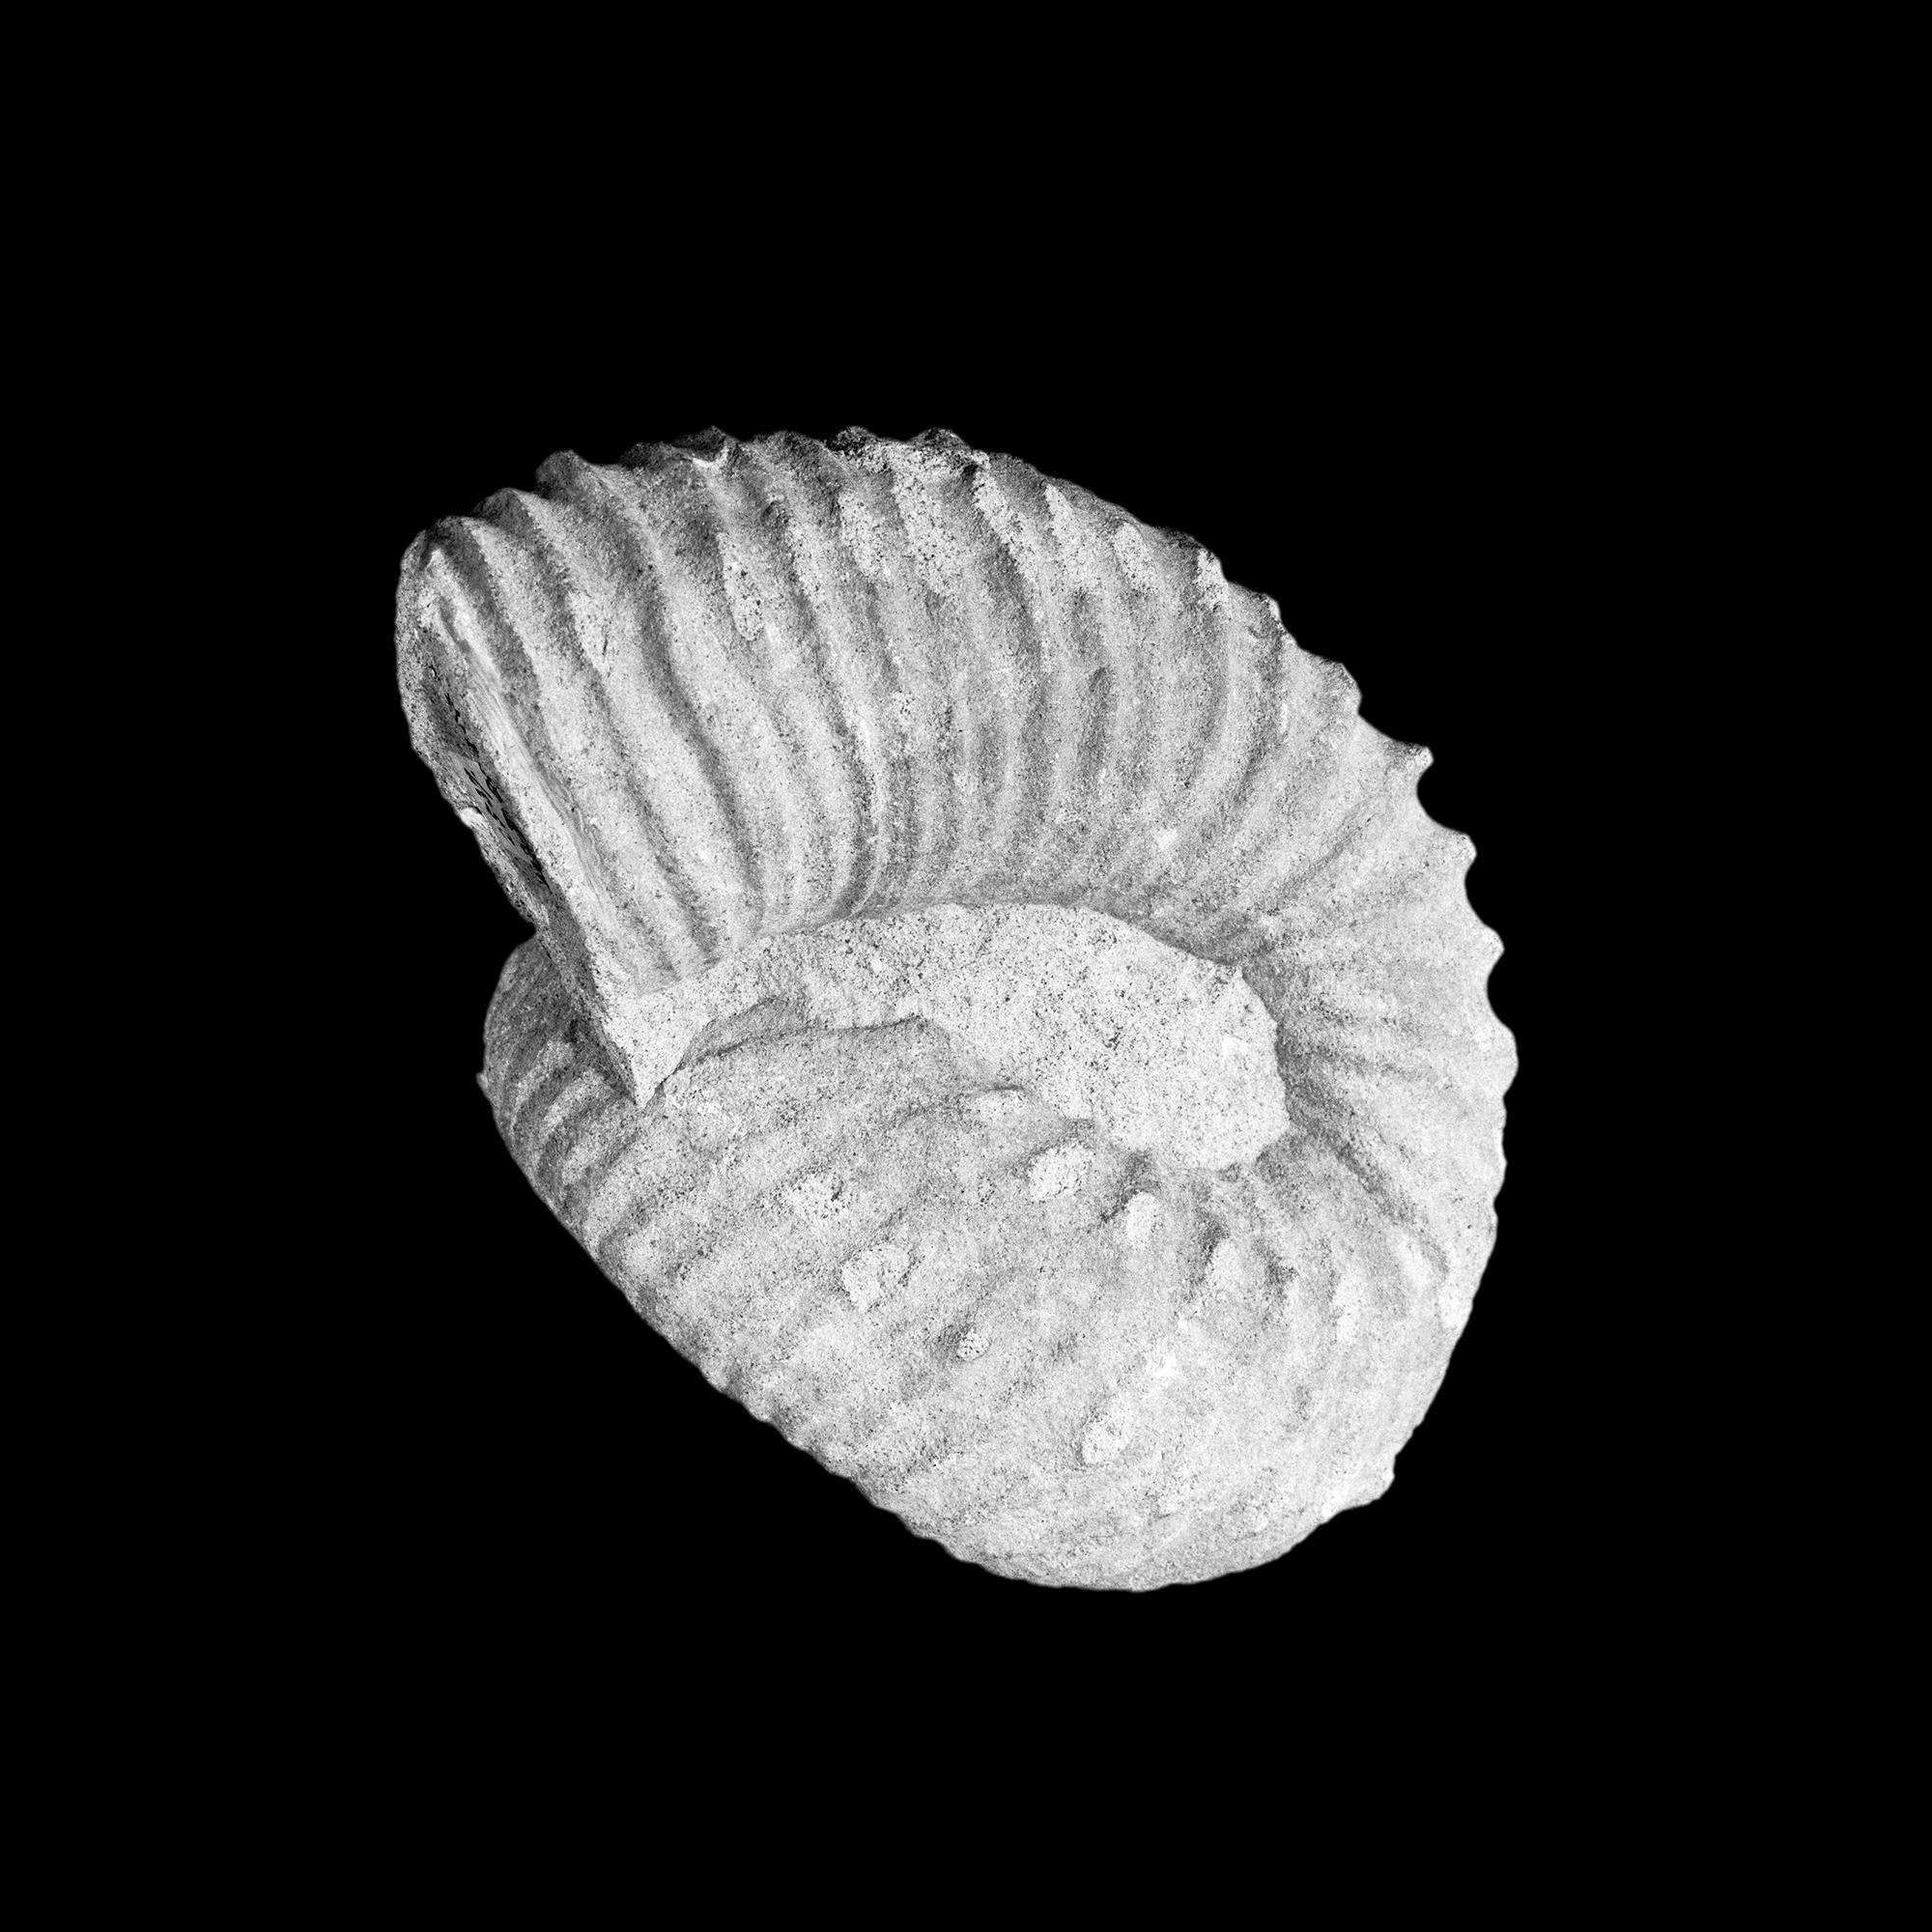 Bostrychoceras polyplocum, Roemer, Haldem